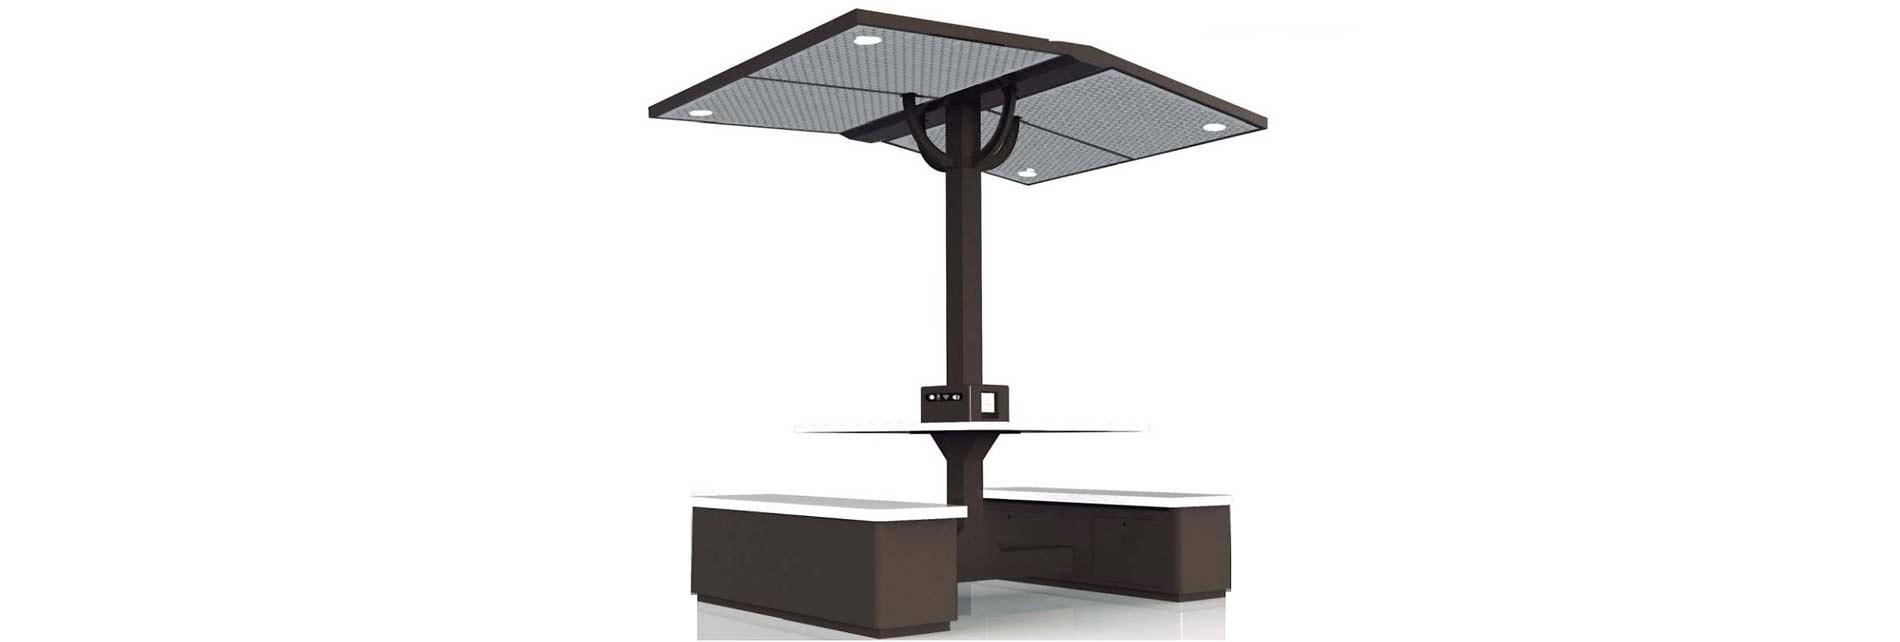 'Solari' Solar Workstation -